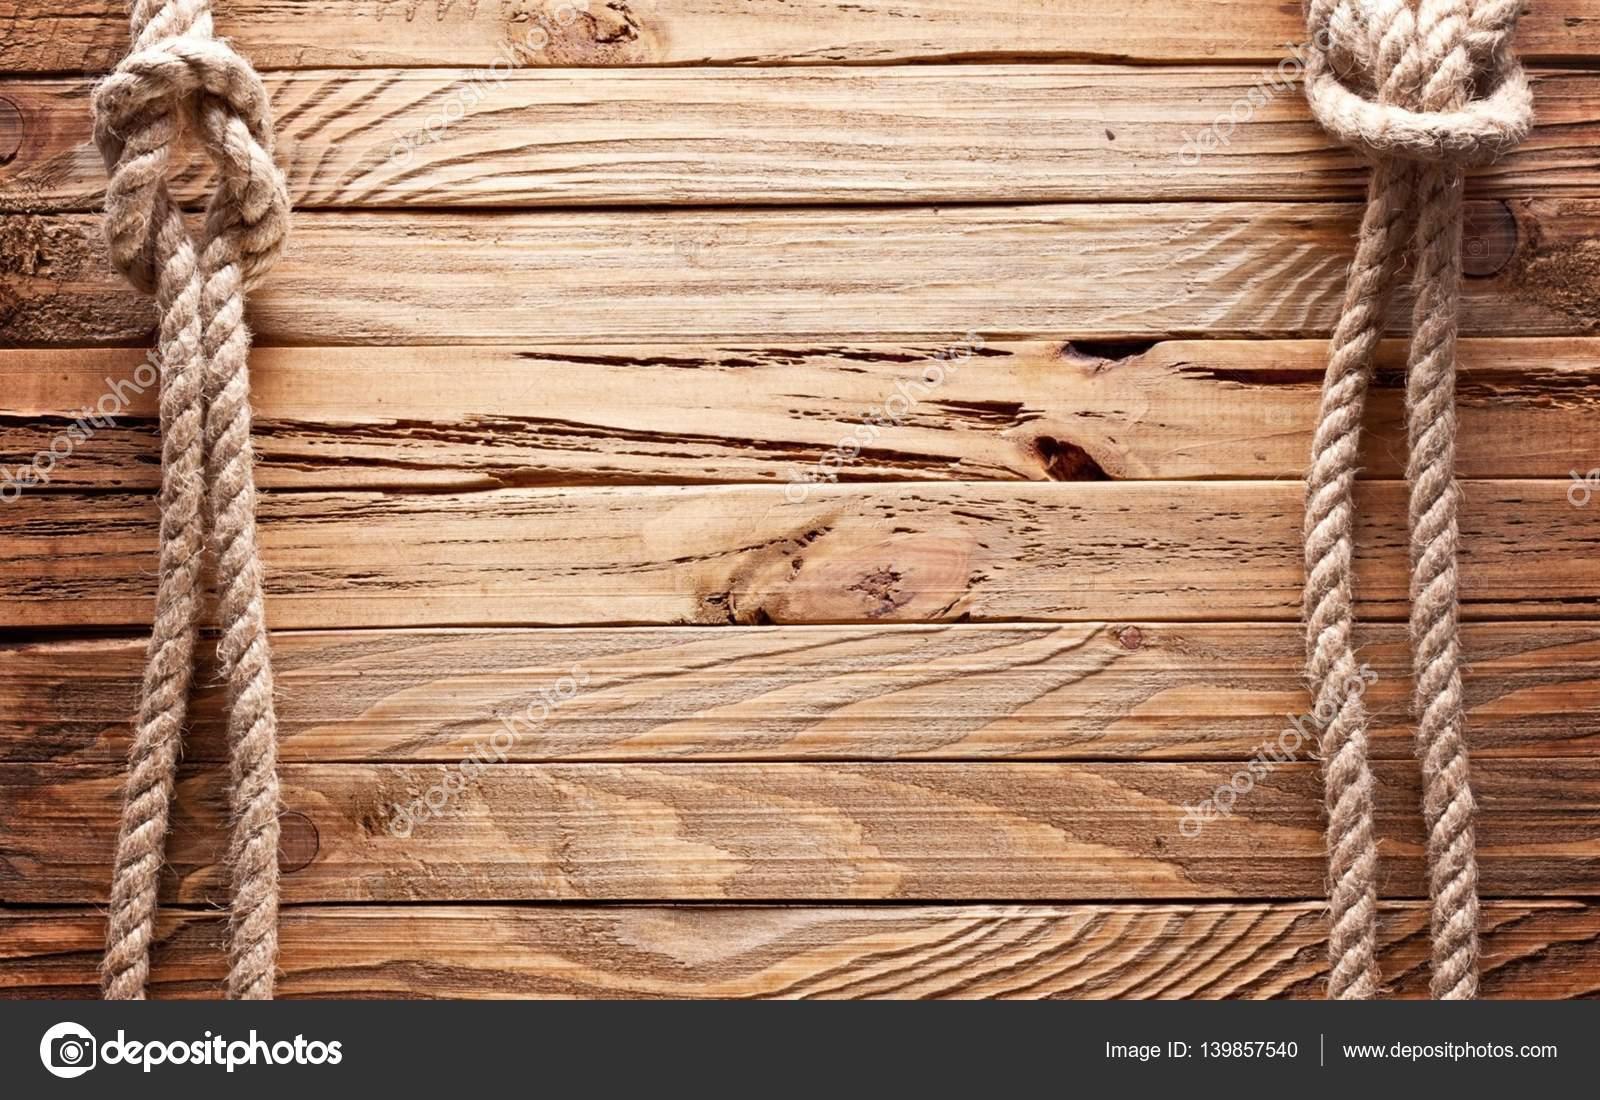 Foto de textura de tablas de madera con cuerda de barco - Fotos en madera ...